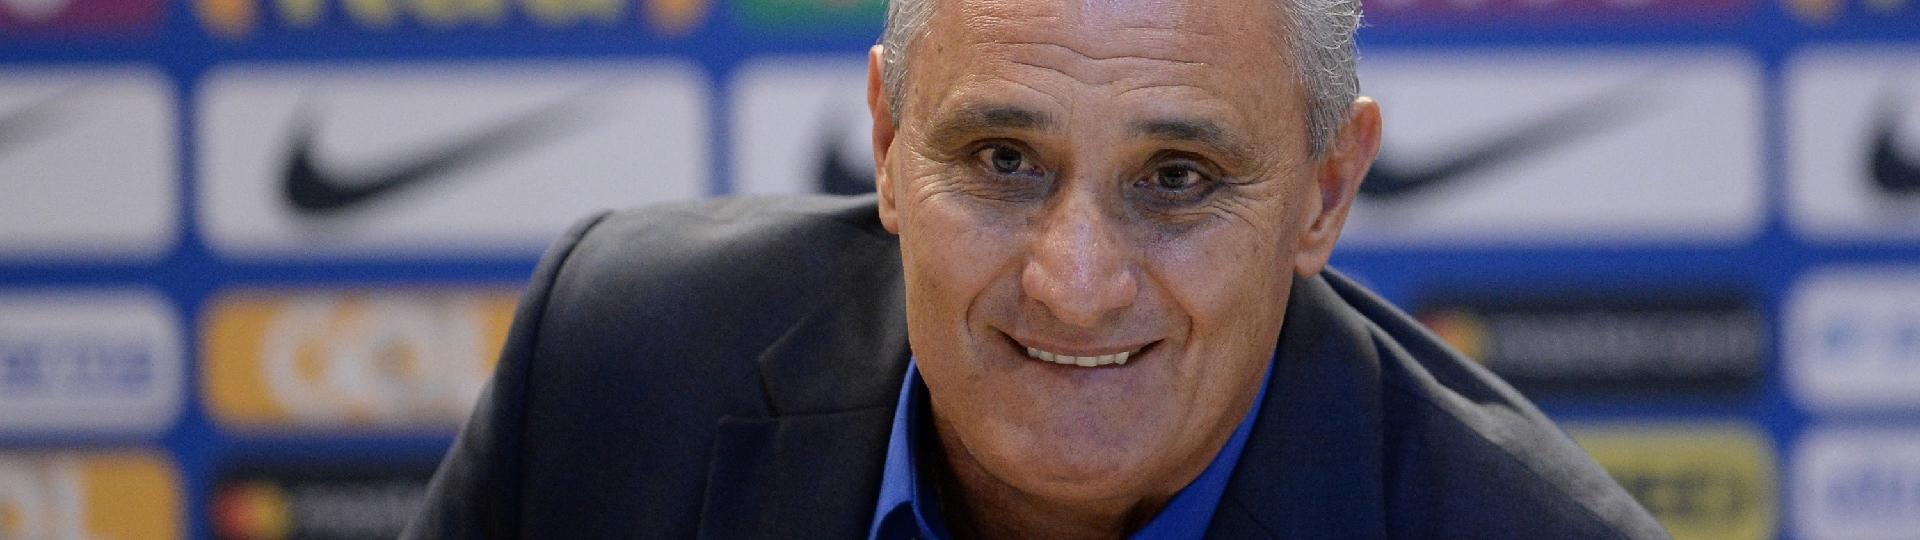 Tite convoca a seleção brasileira para a Copa do Mundo de 2018